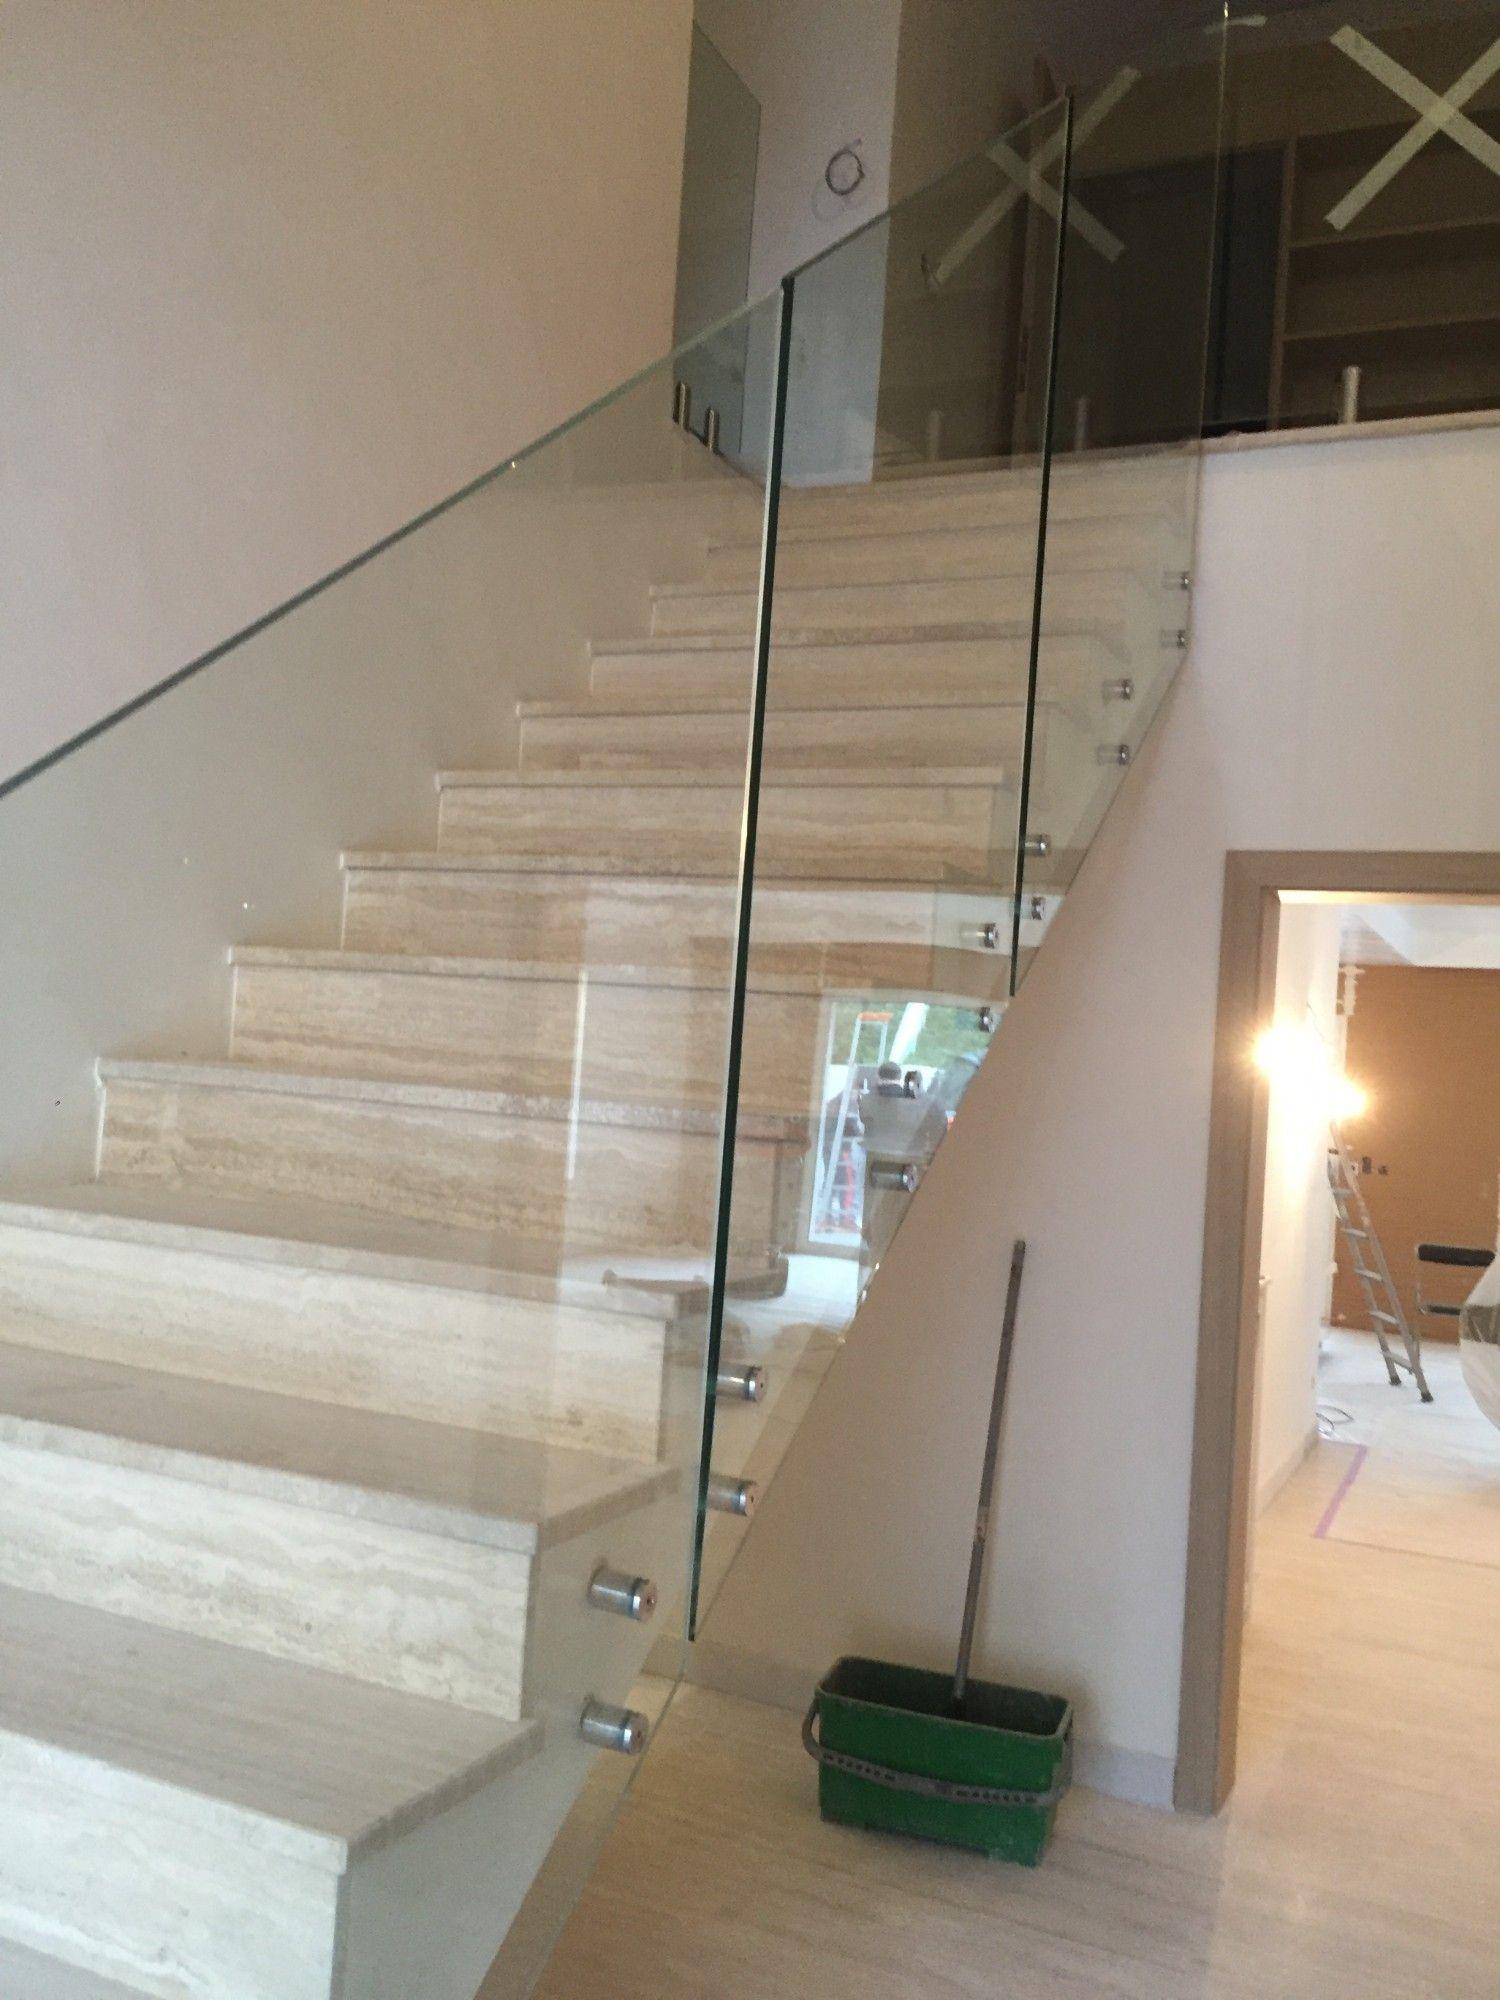 fourniture et pose d 39 un garde corps en verre pour escalier. Black Bedroom Furniture Sets. Home Design Ideas